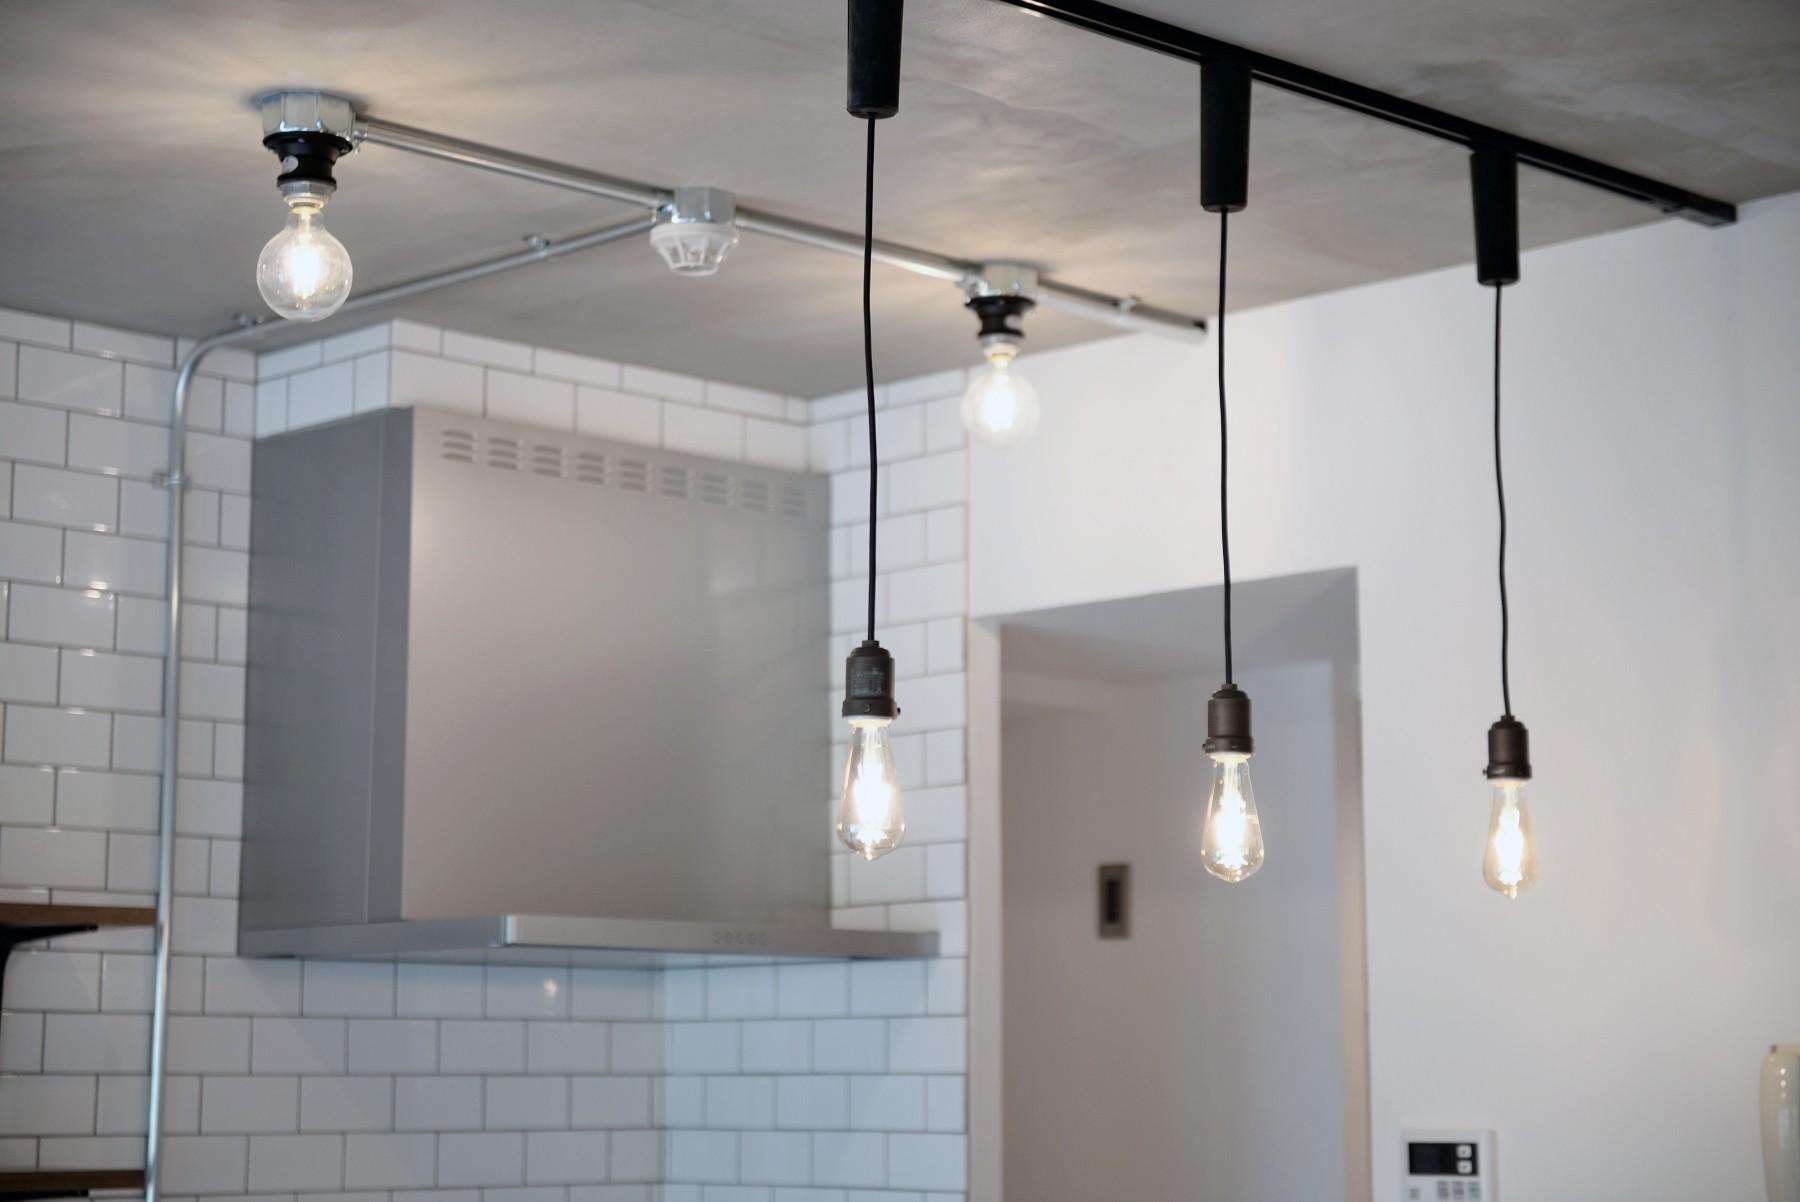 キッチン事例:キッチン照明(壁・天井もキッチンカウンターもモルタル仕上げの無骨でラフなマンションリノベーション)